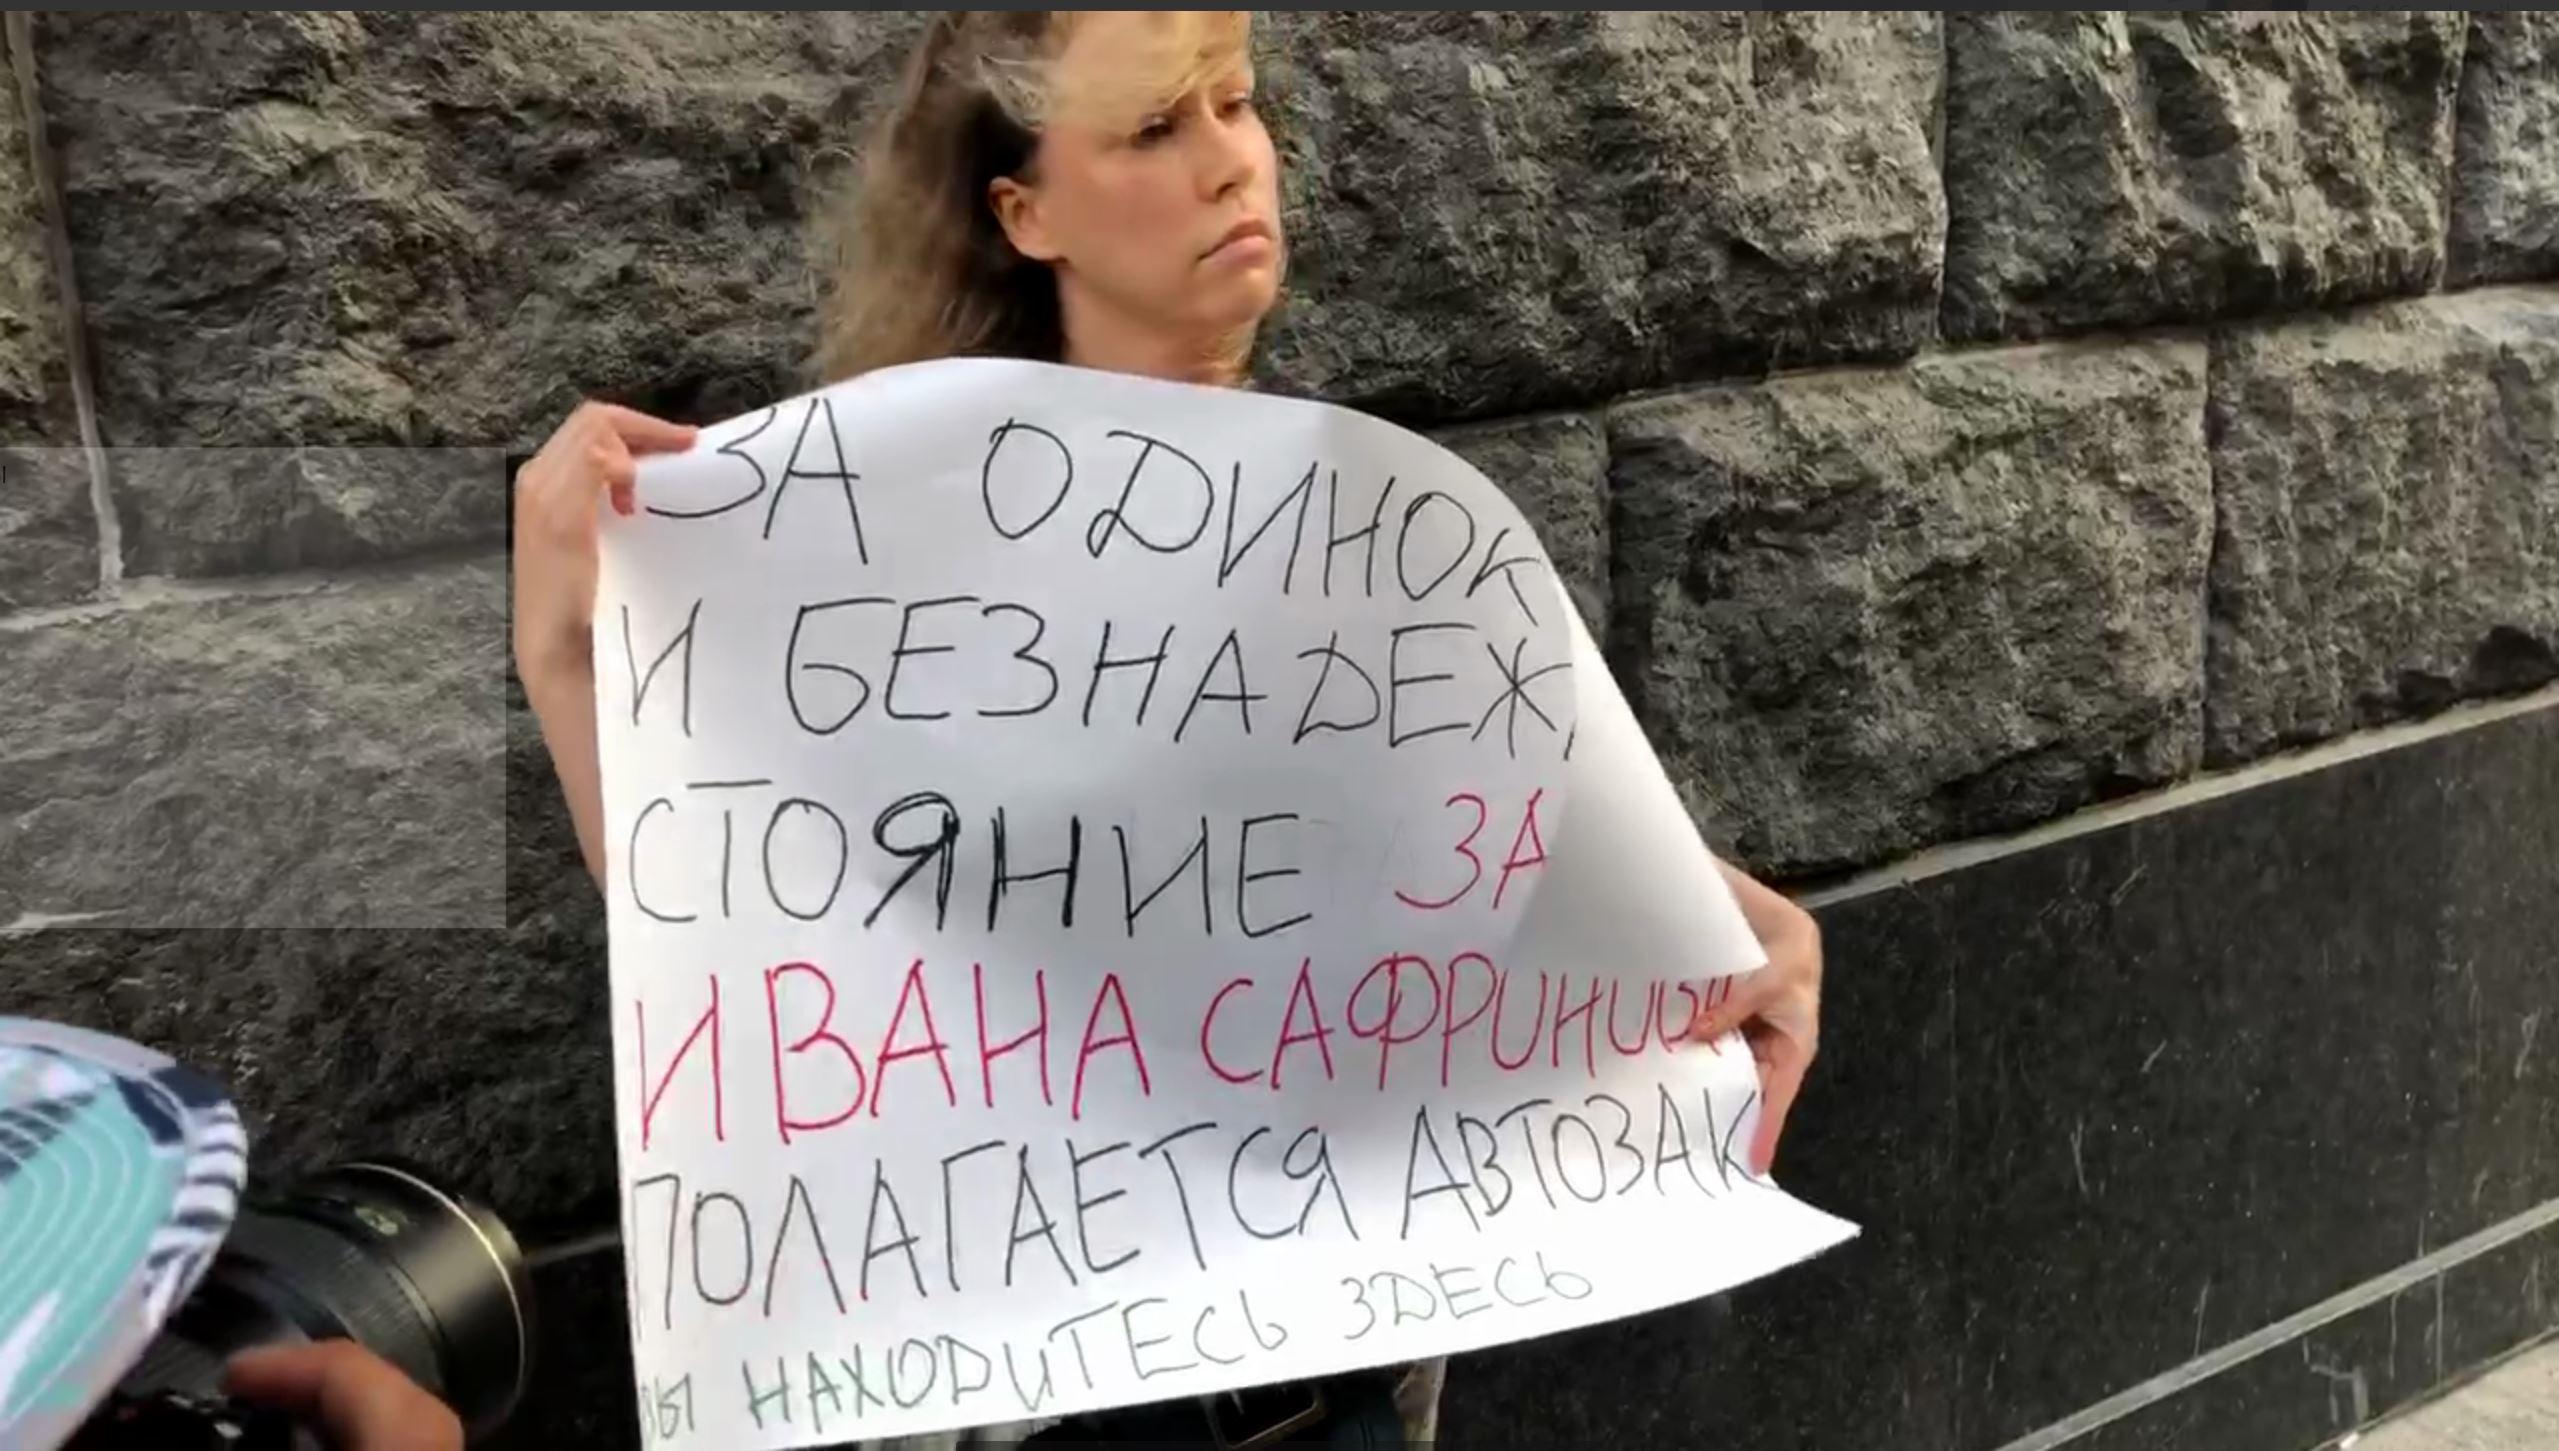 У здания ФСБ задержана сотрудница RT Мария Баронова, вышедшая на одиночный пикет в поддержку Ивана Сафронова